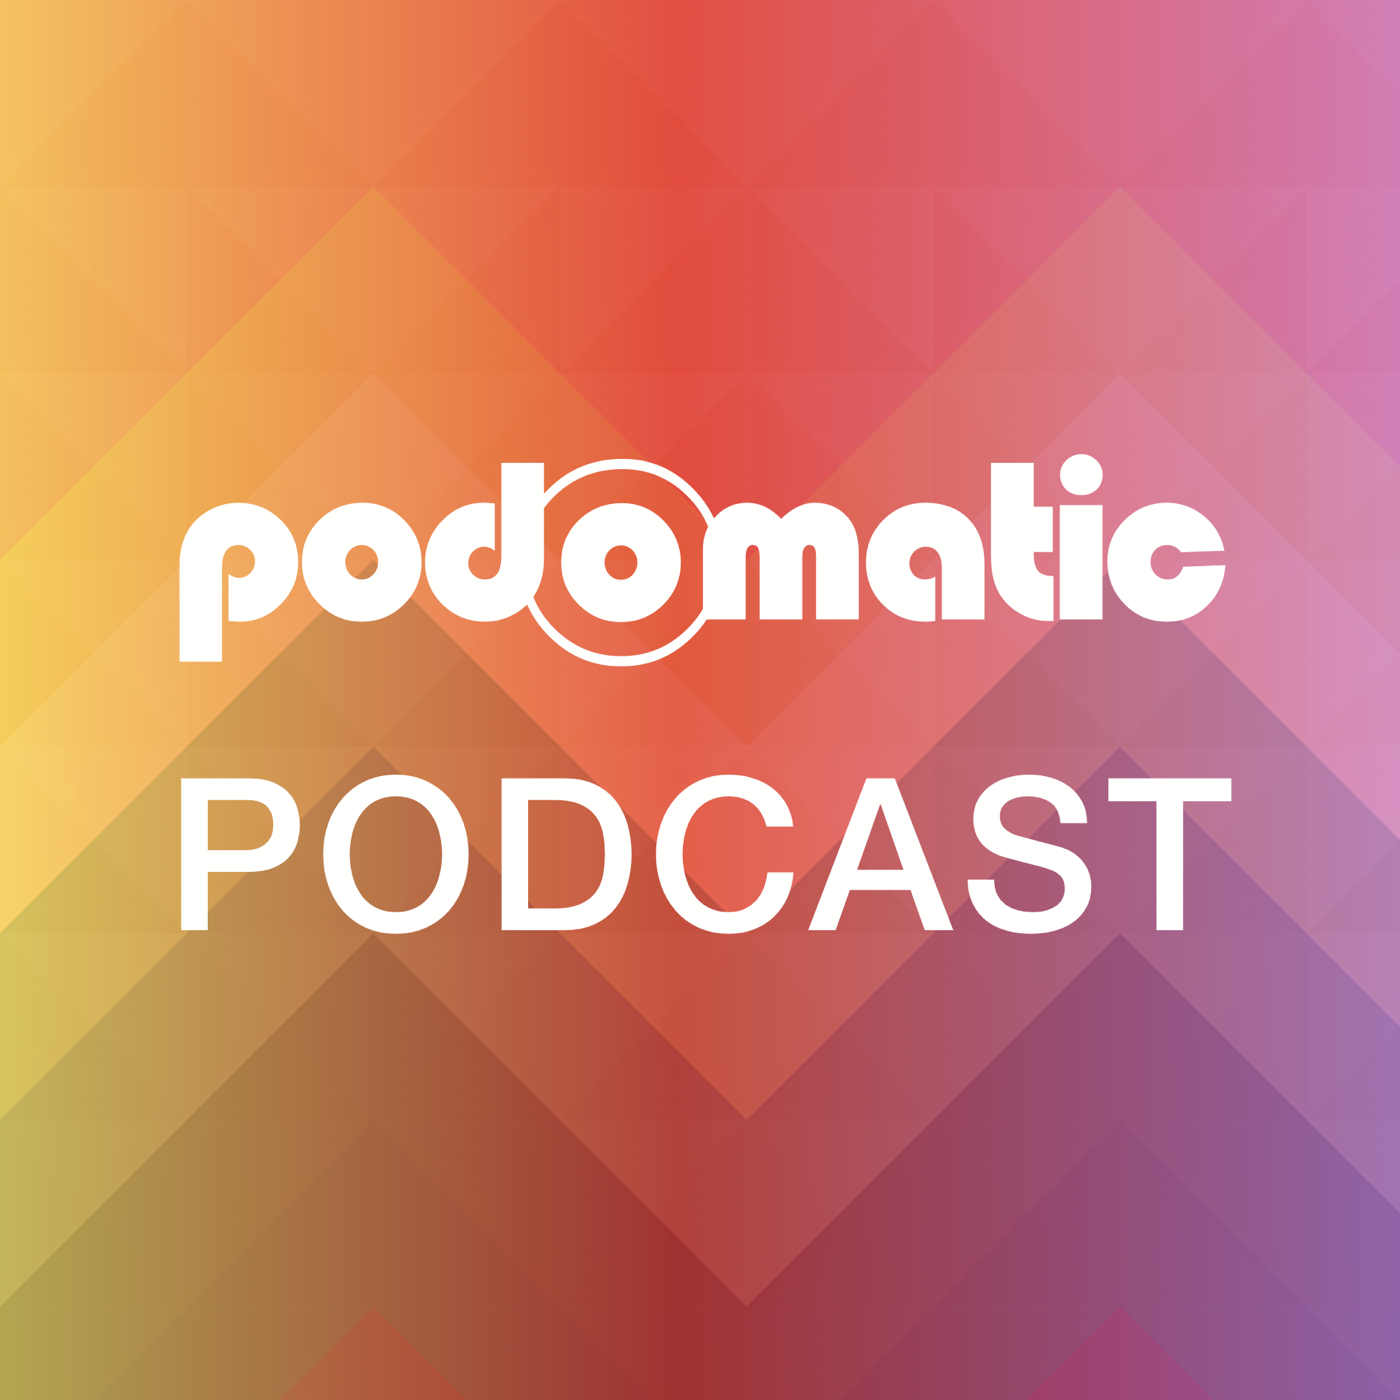 frederik midtgaard's Podcast